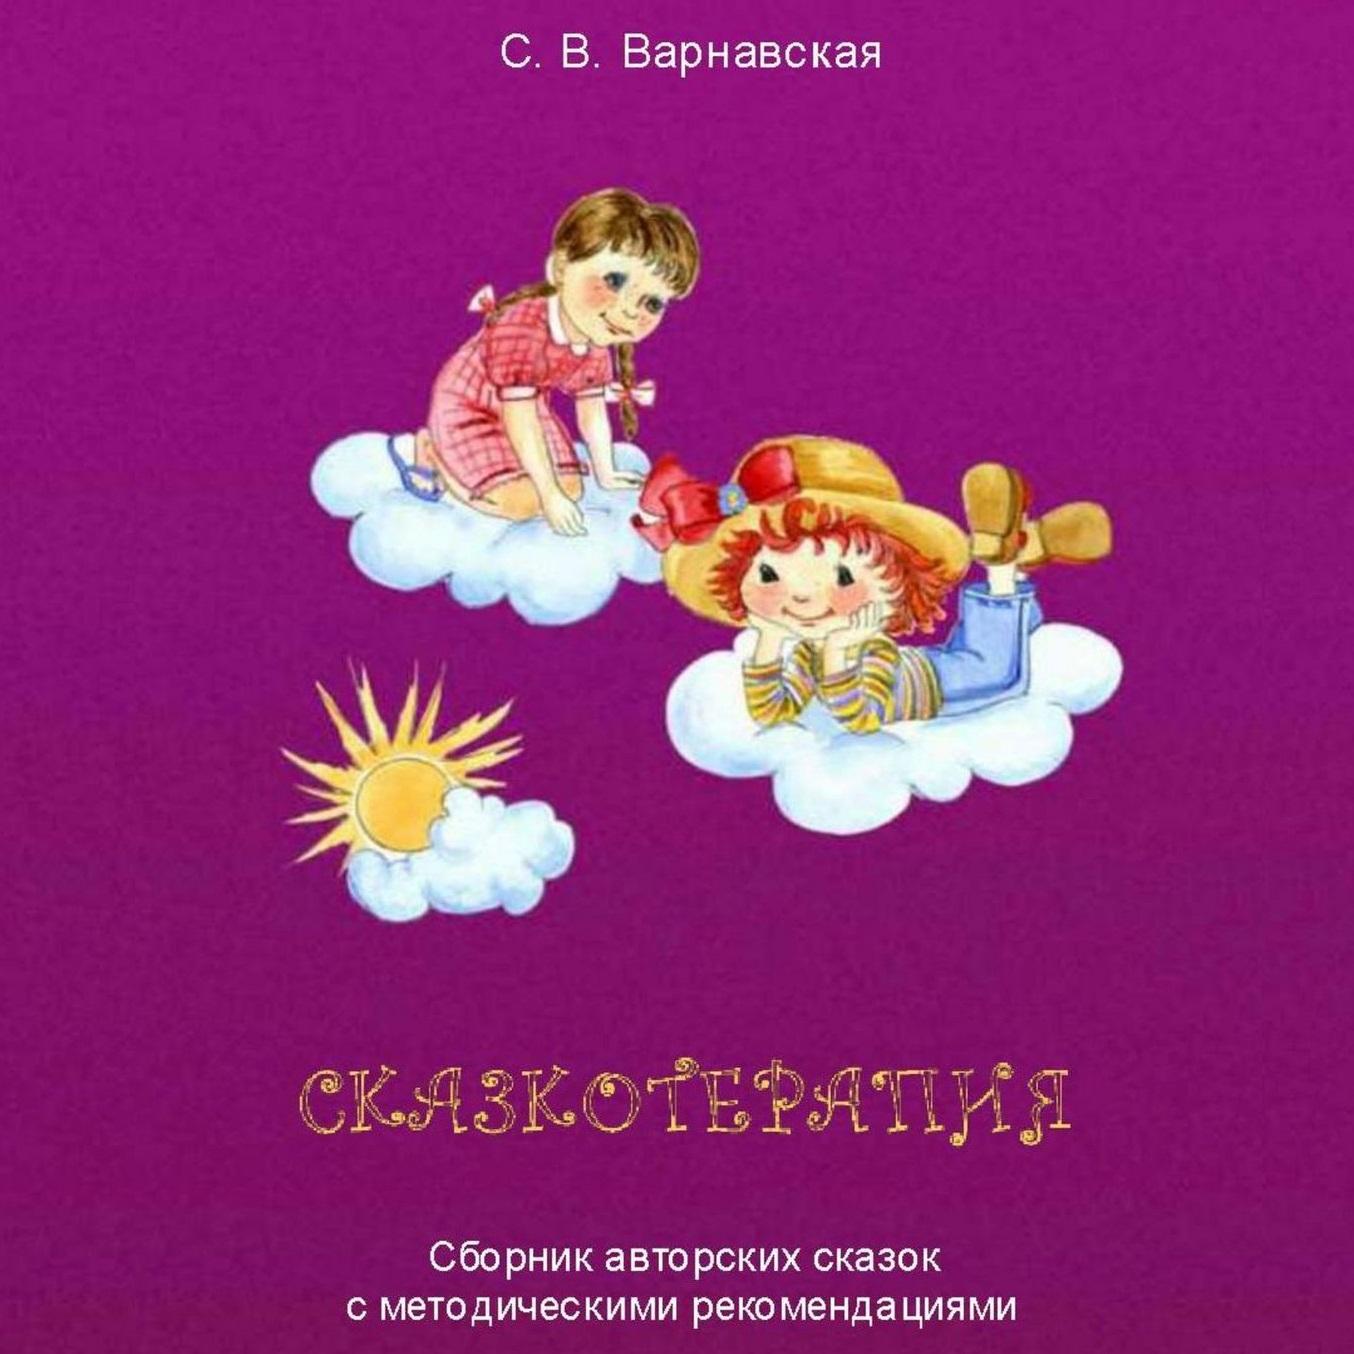 Сказкотерапия. Сборник авторских сказок сметодическими рекомендациями